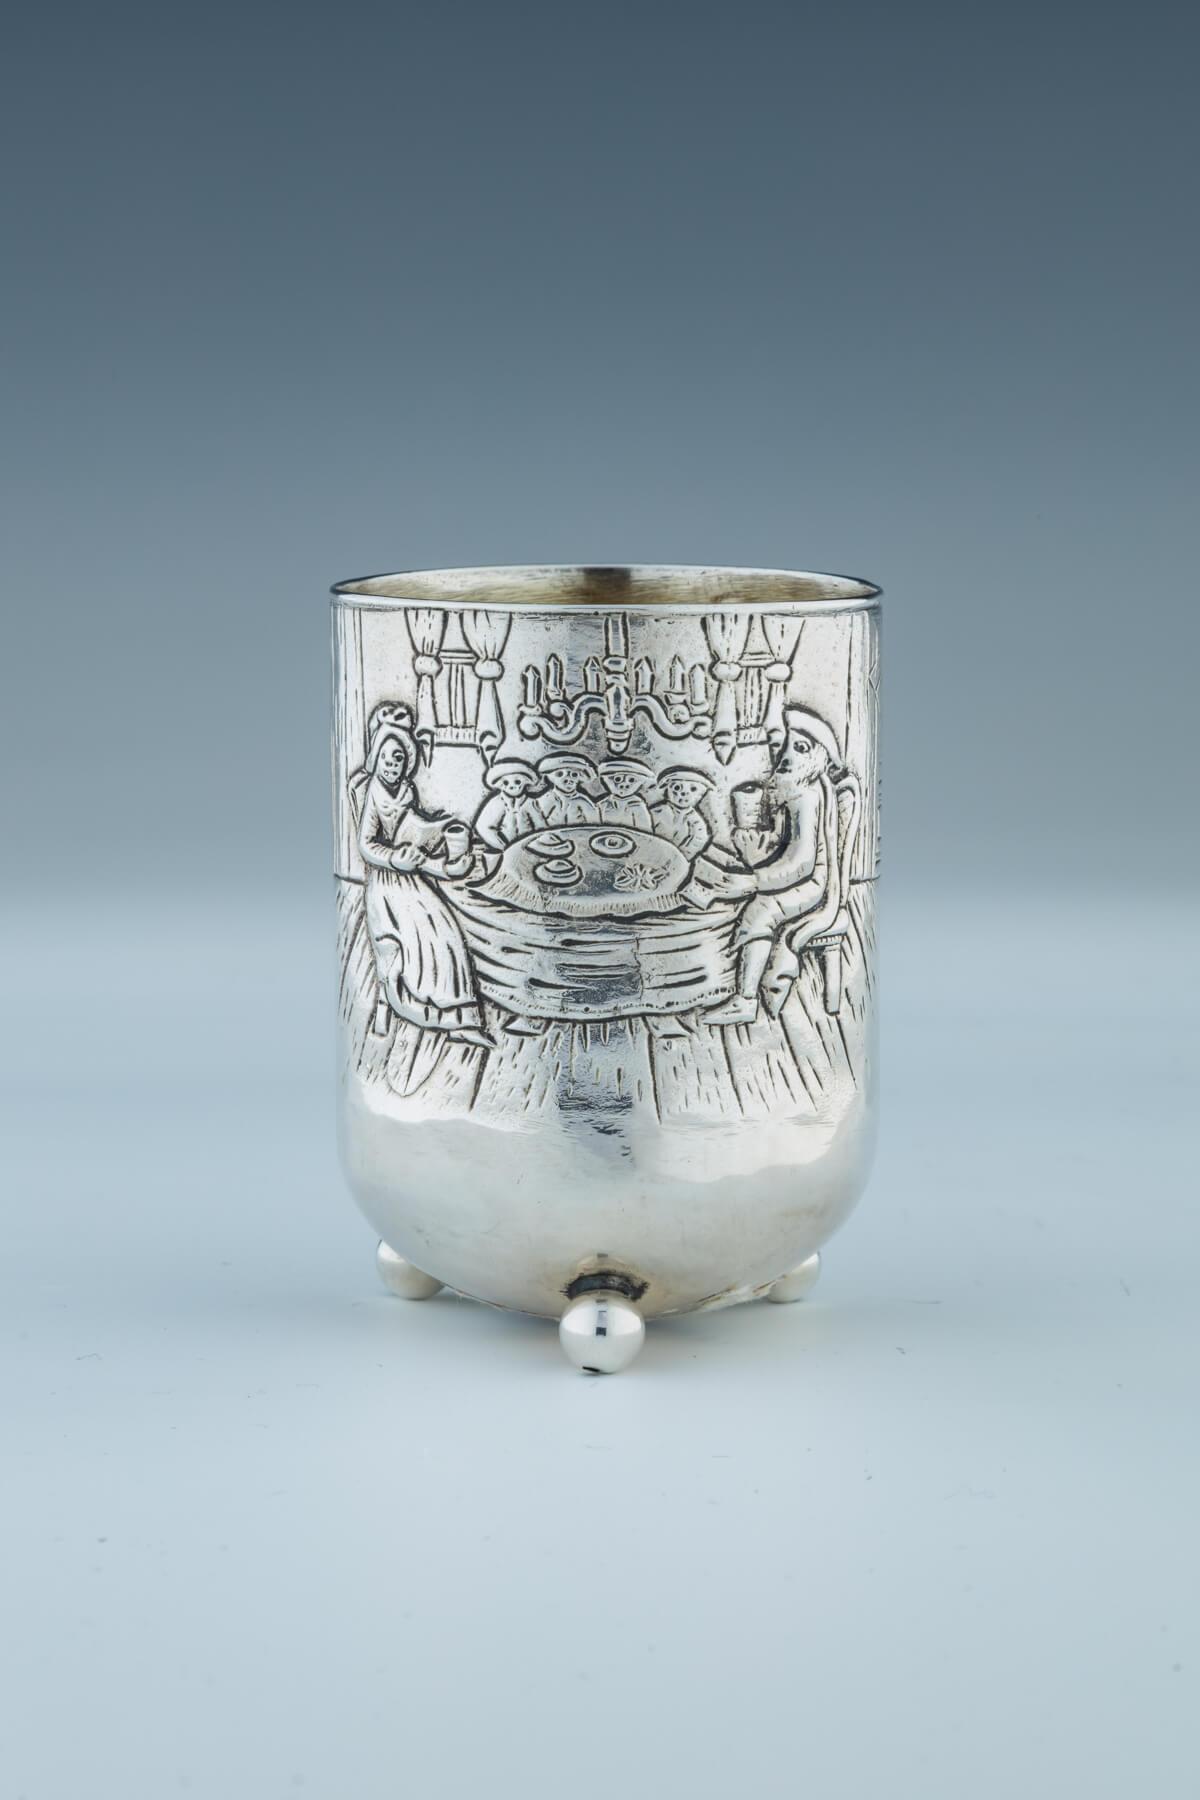 44. A Silver Kiddush Beaker